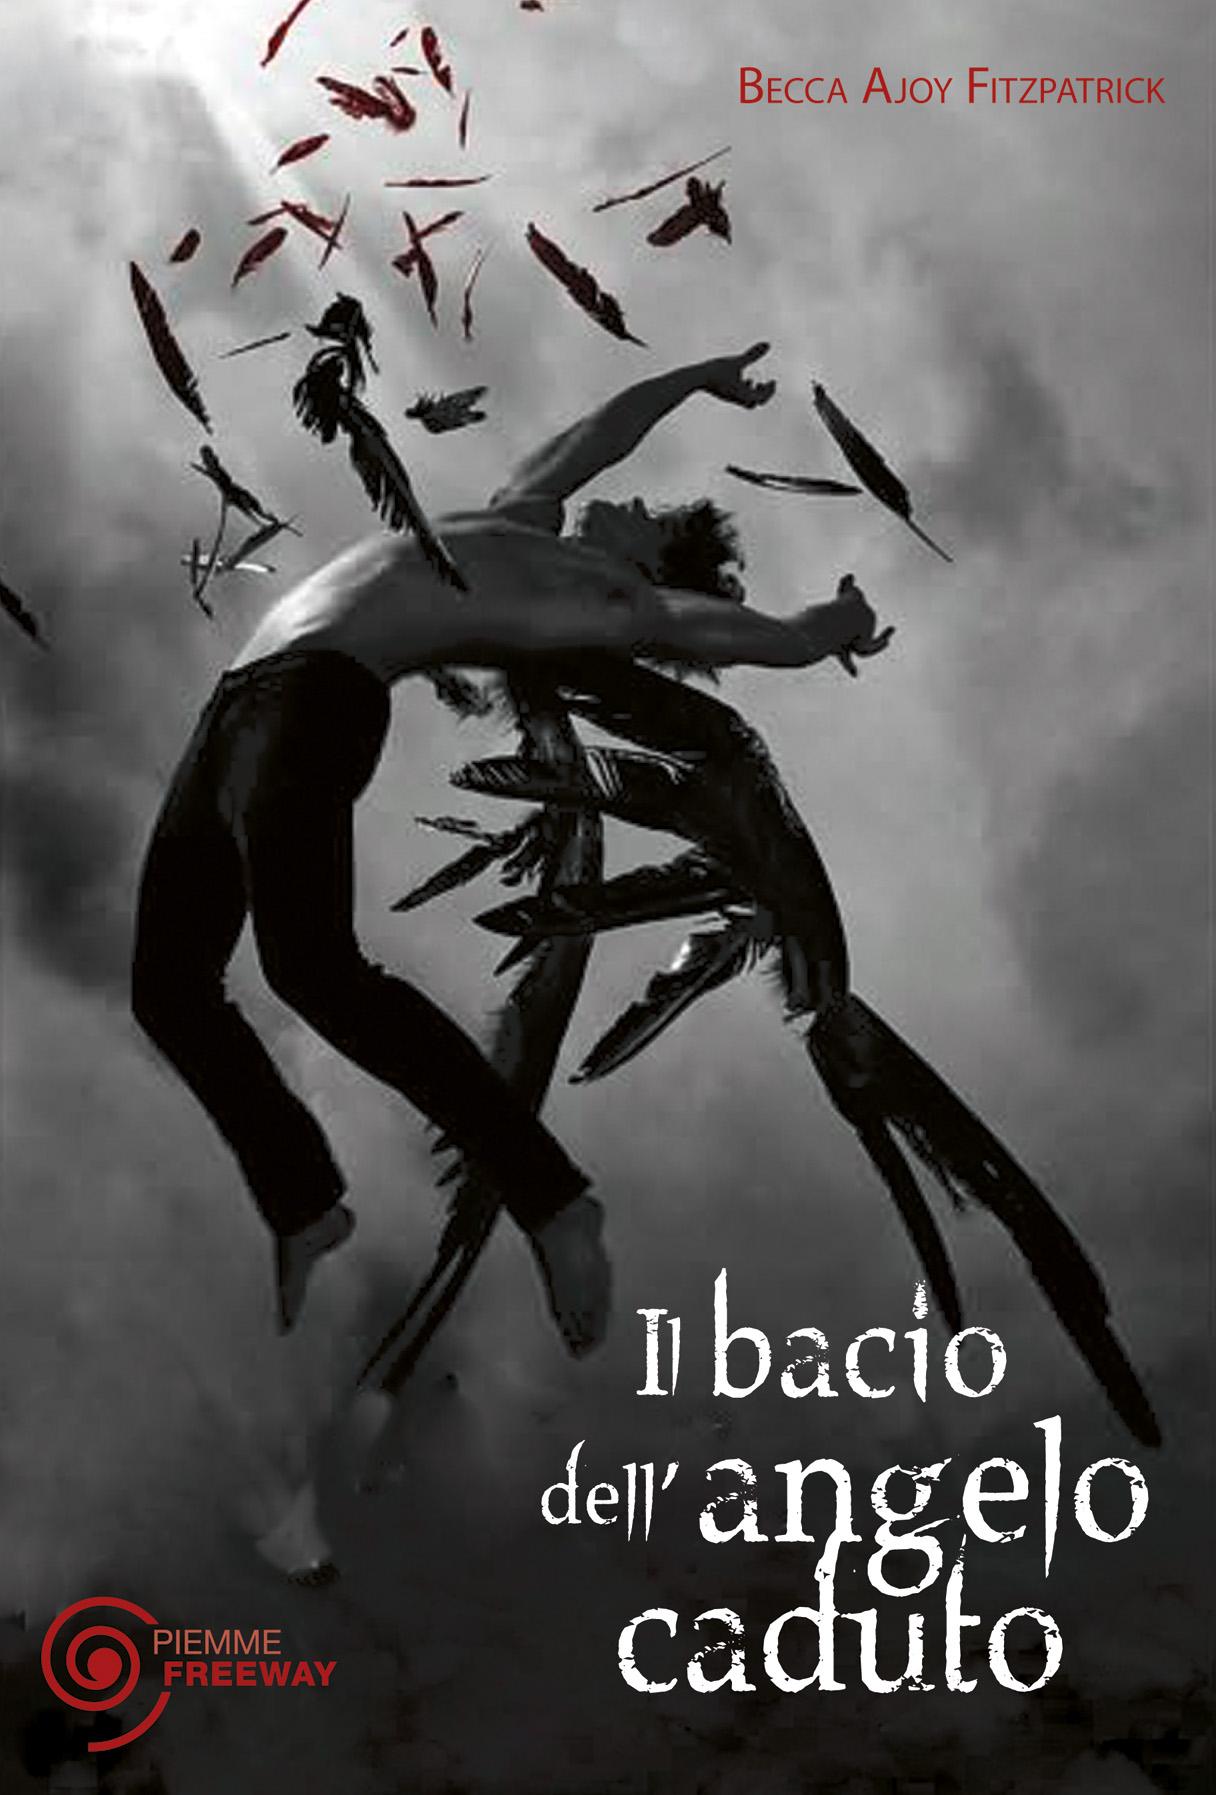 More about Il bacio dell'angelo caduto